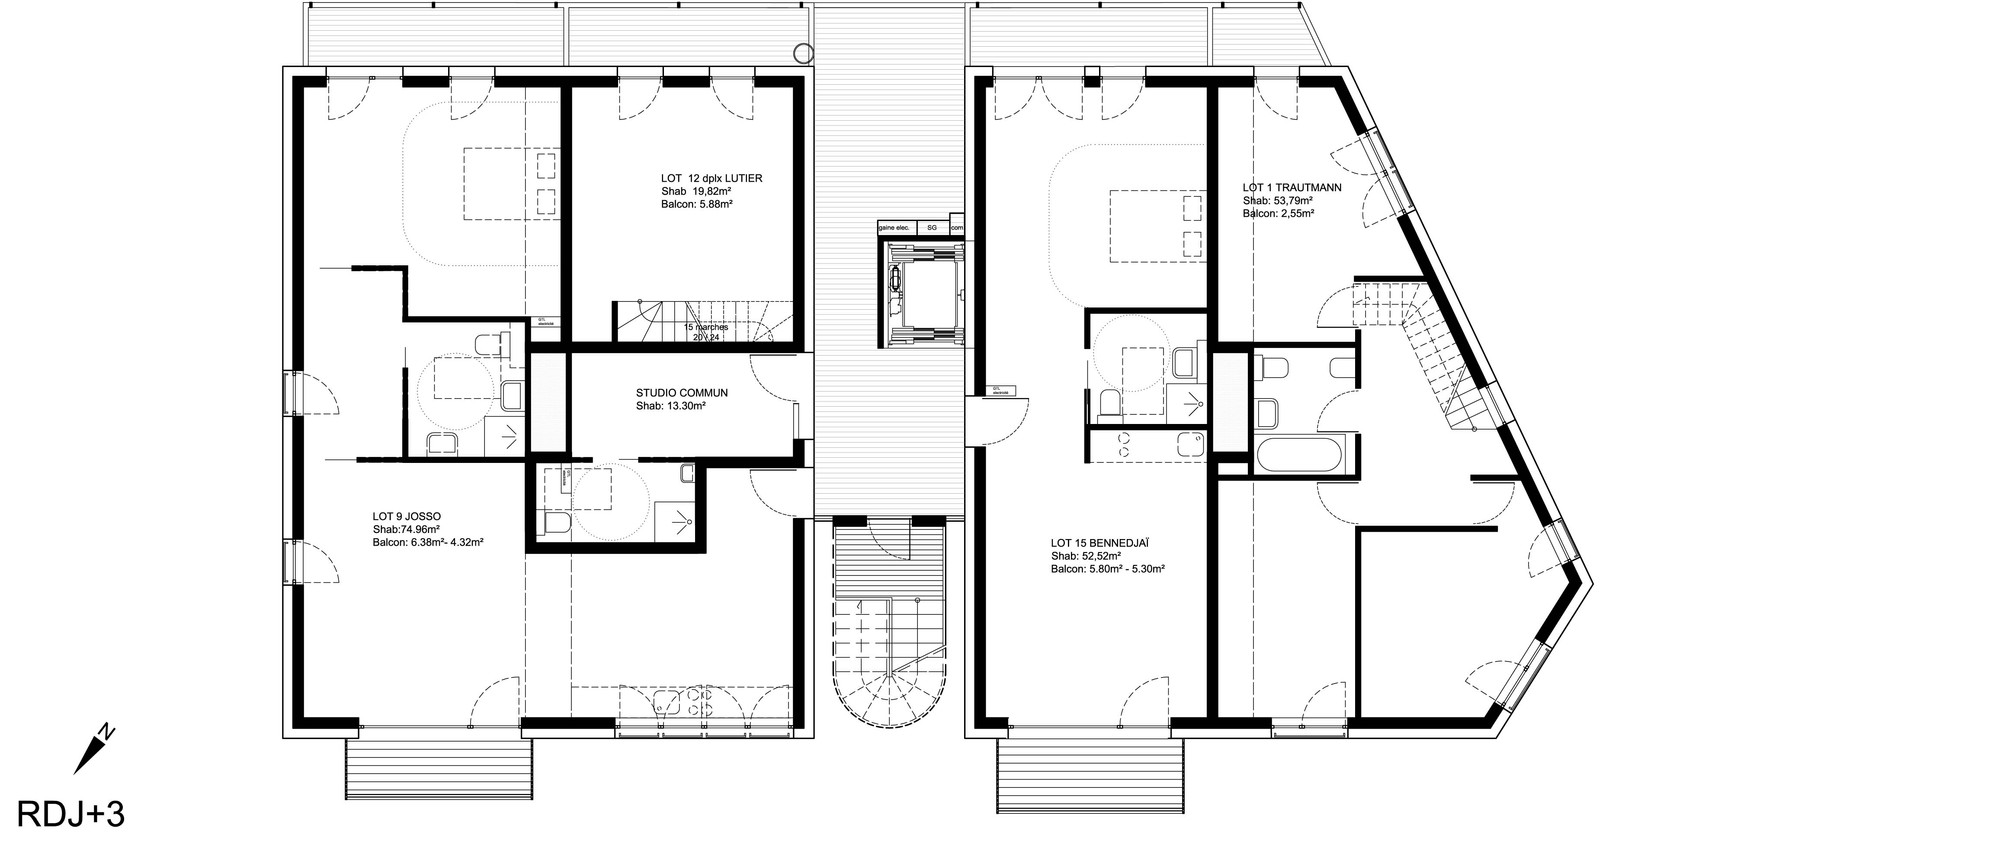 Housing Design Pics